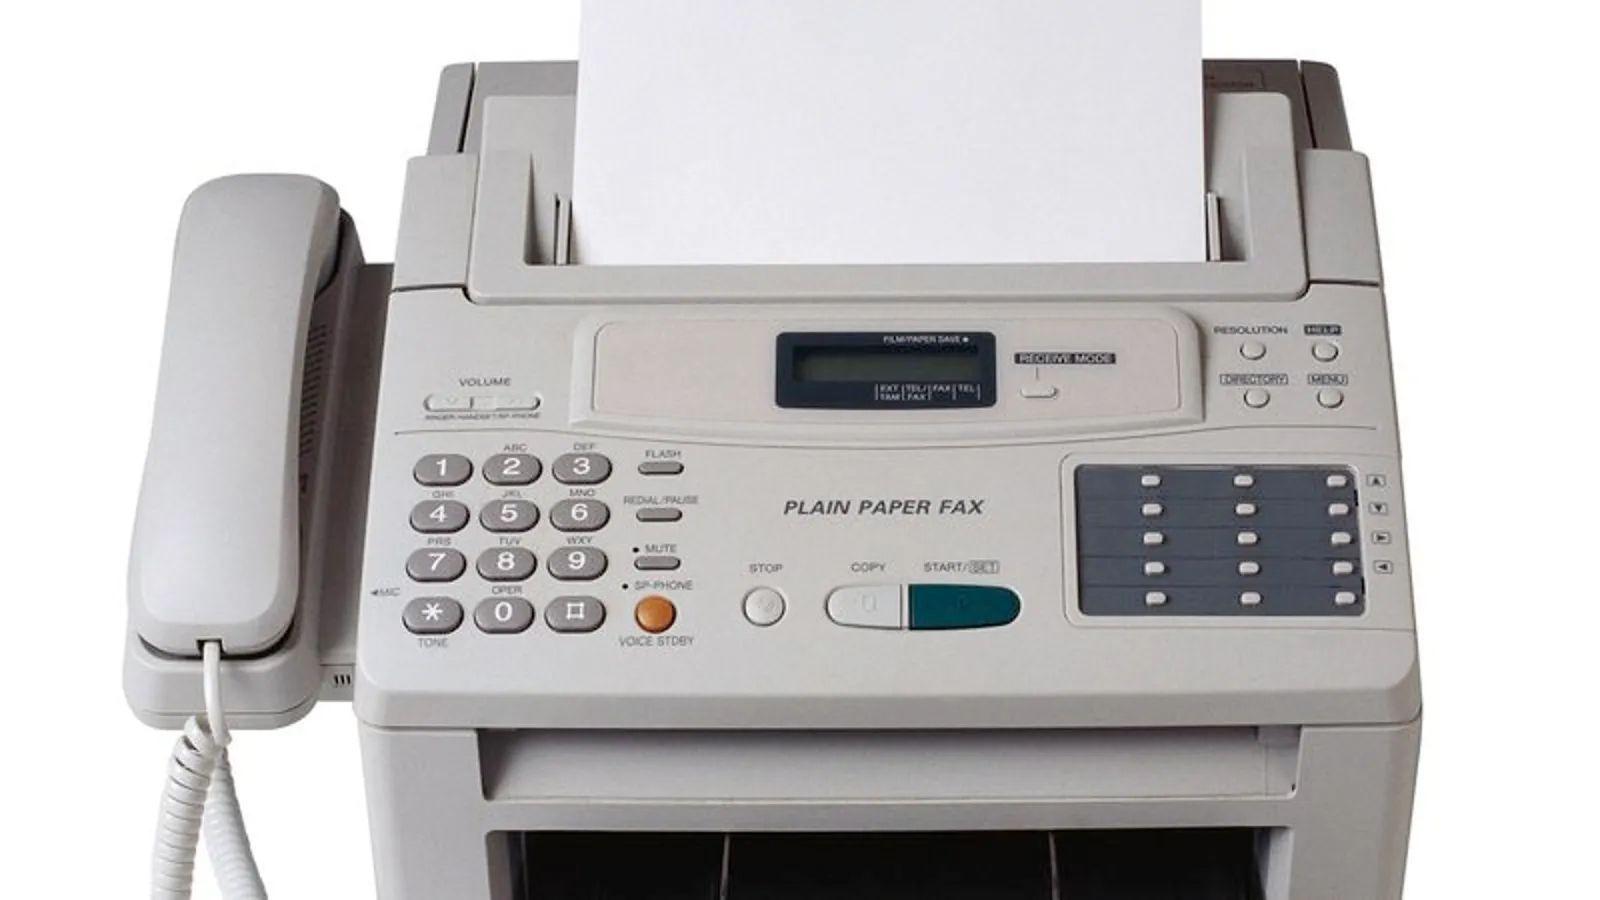 facsimile fax